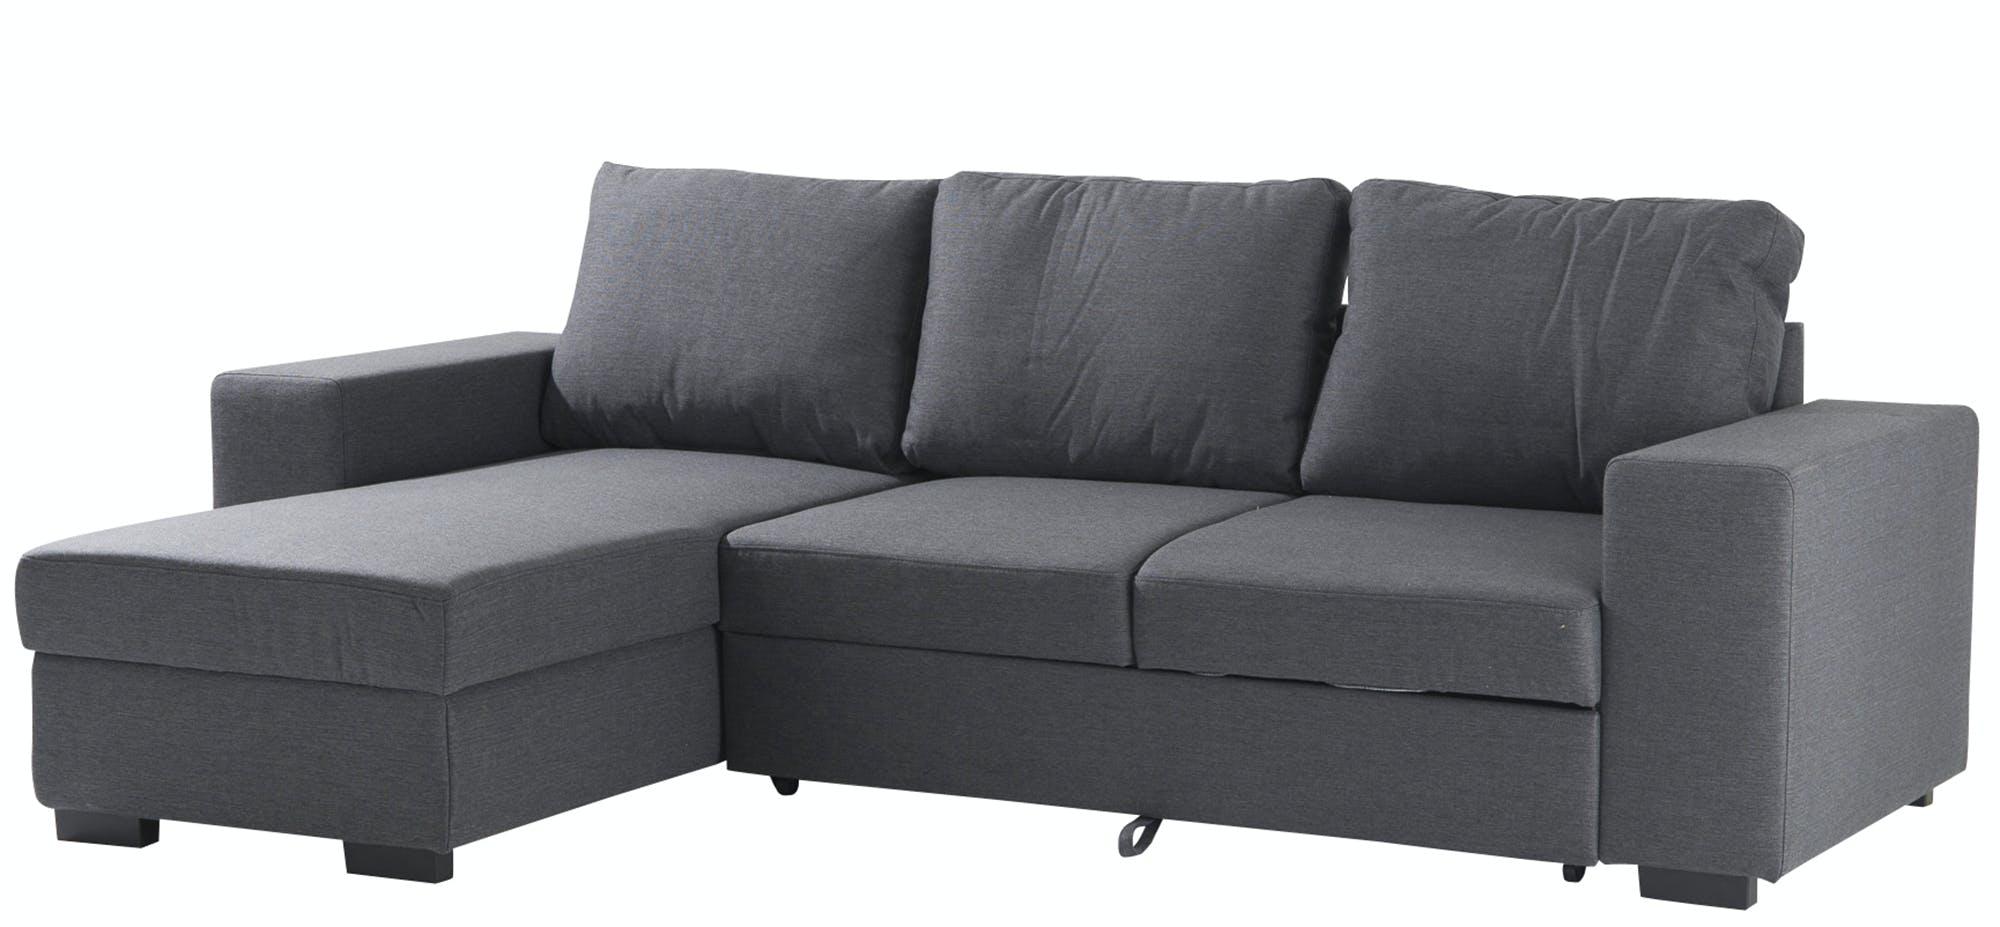 Canapé angle Véronique tissu gris 253x88x86cm